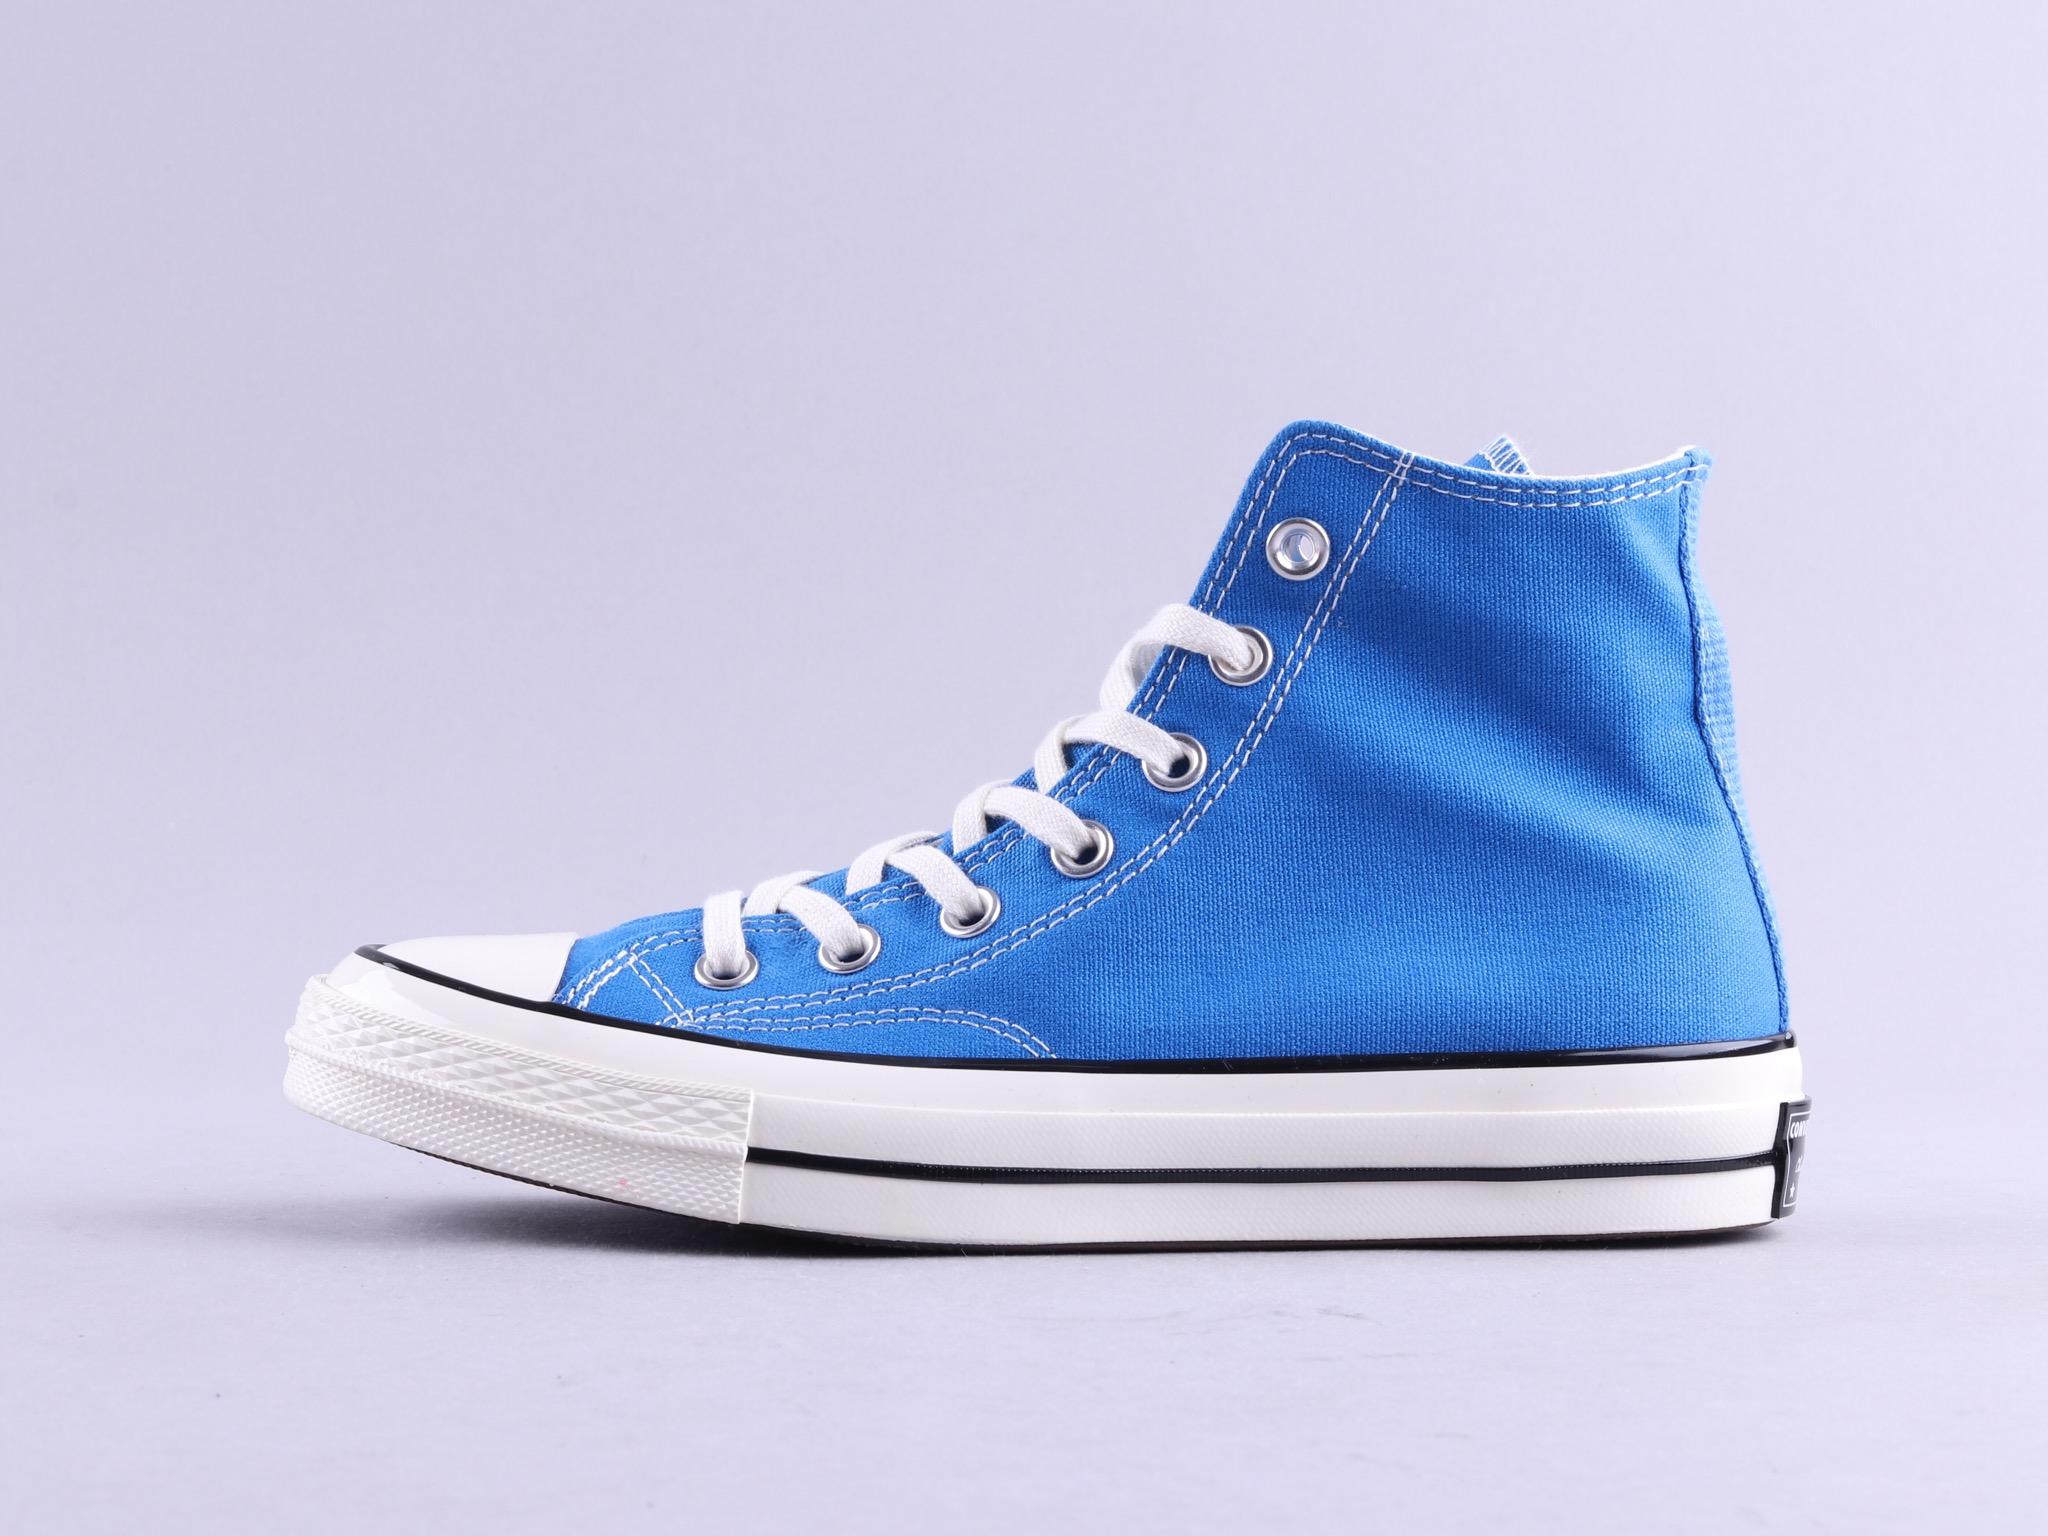 18新款 Converse All Star 70s 三星标 蓝色高帮